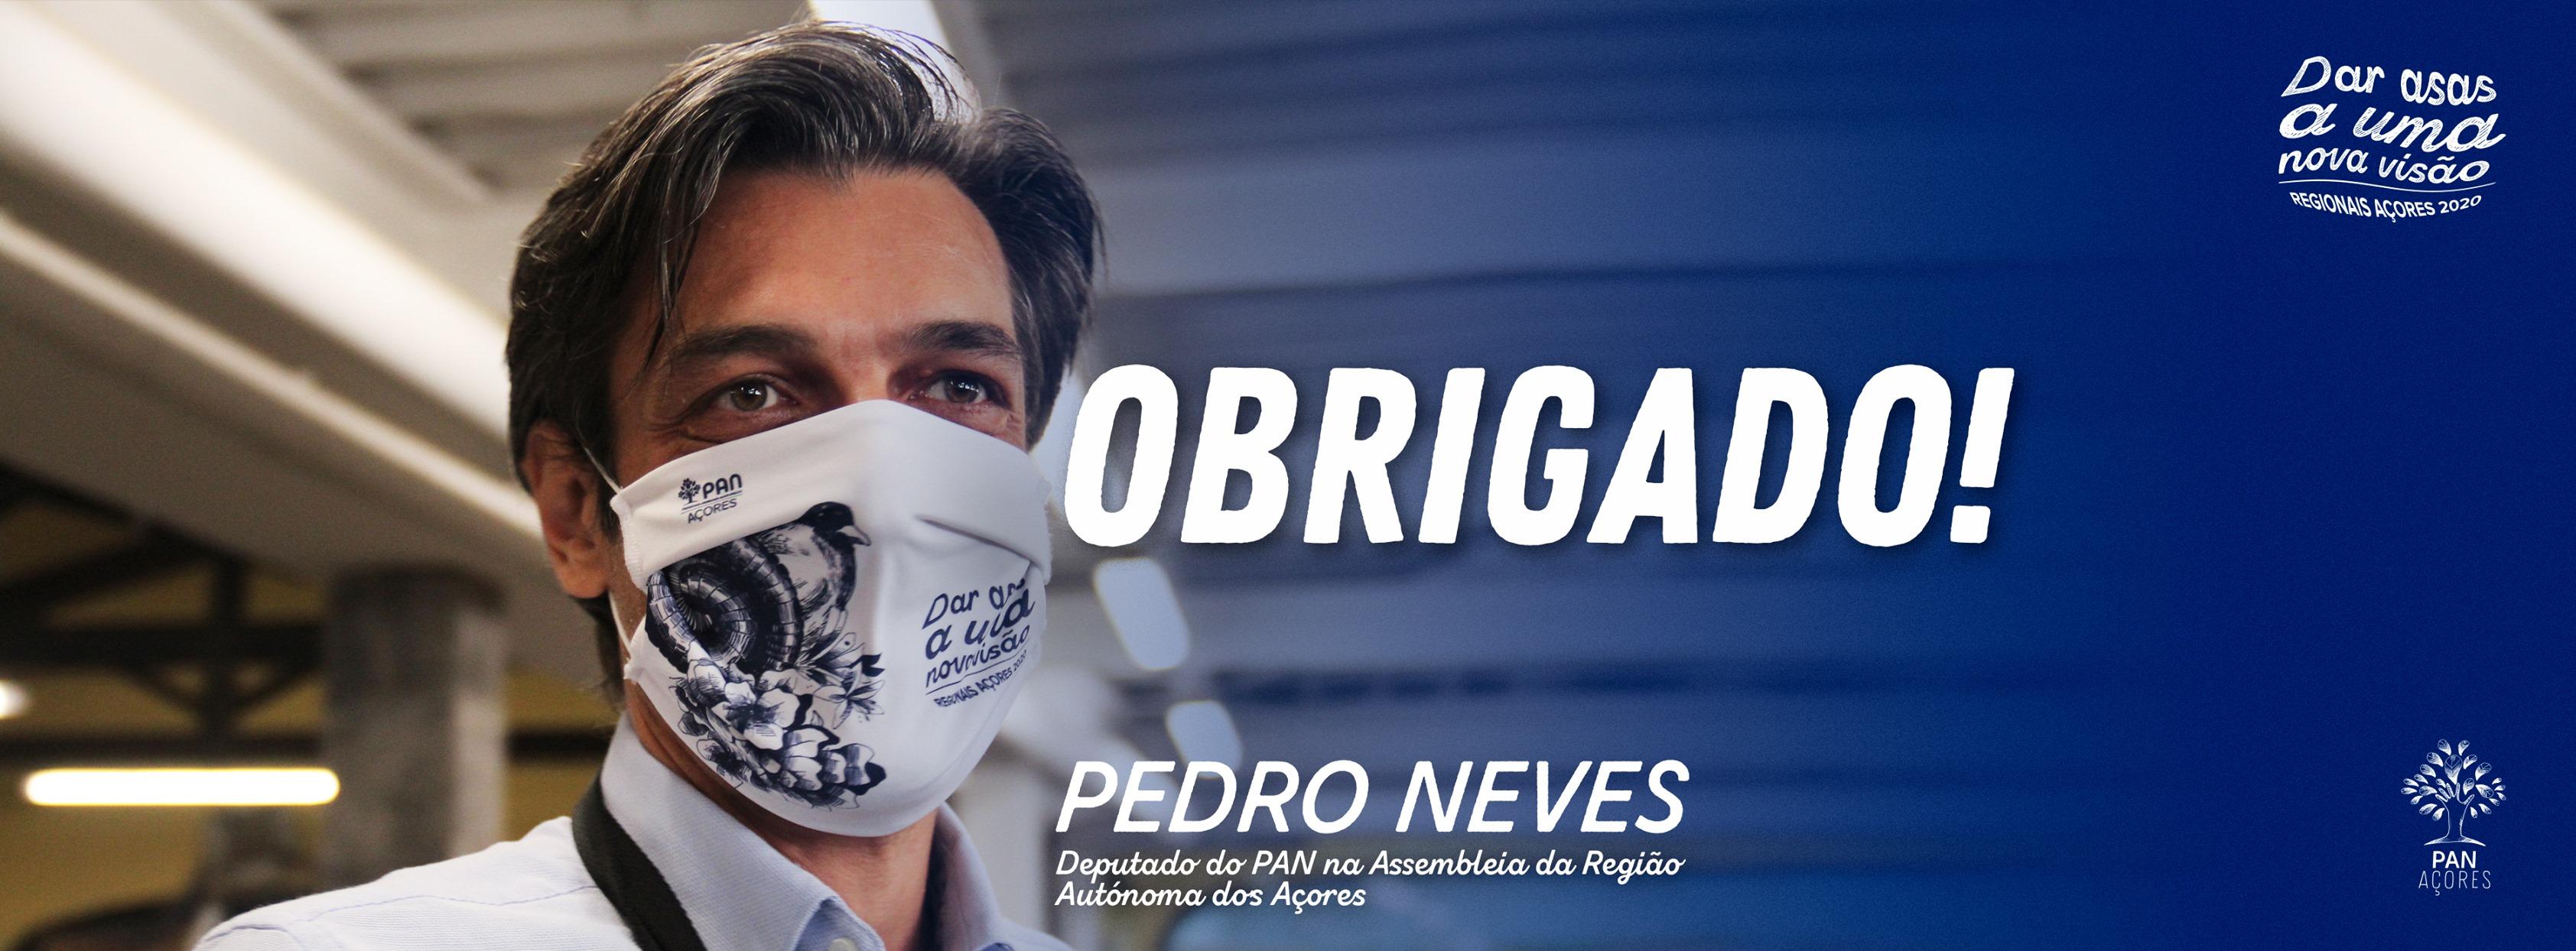 Pedro Neves eleito . obrigado!